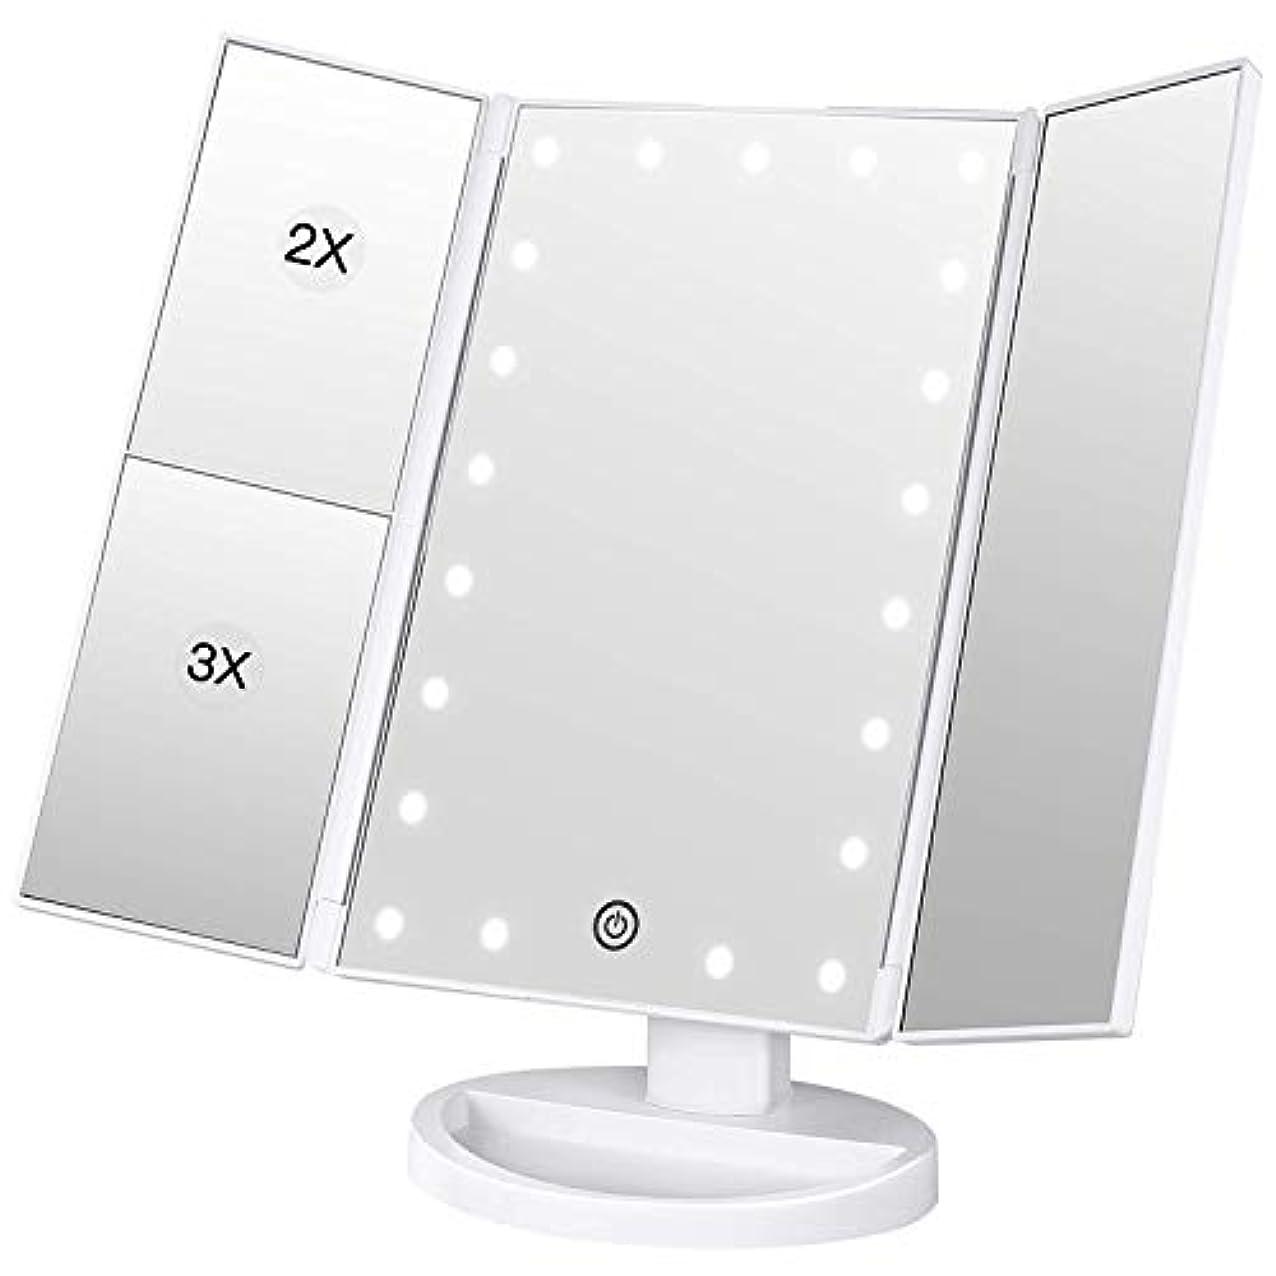 わがまま文献観光化粧鏡 化粧ミラー 鏡 三面鏡 女優 卓上 21個LED付き 拡大鏡 2X 3X 10X 倍 明るさ調節可能 180°回転 電池&USB2WAY給電 収納便利 (黒)